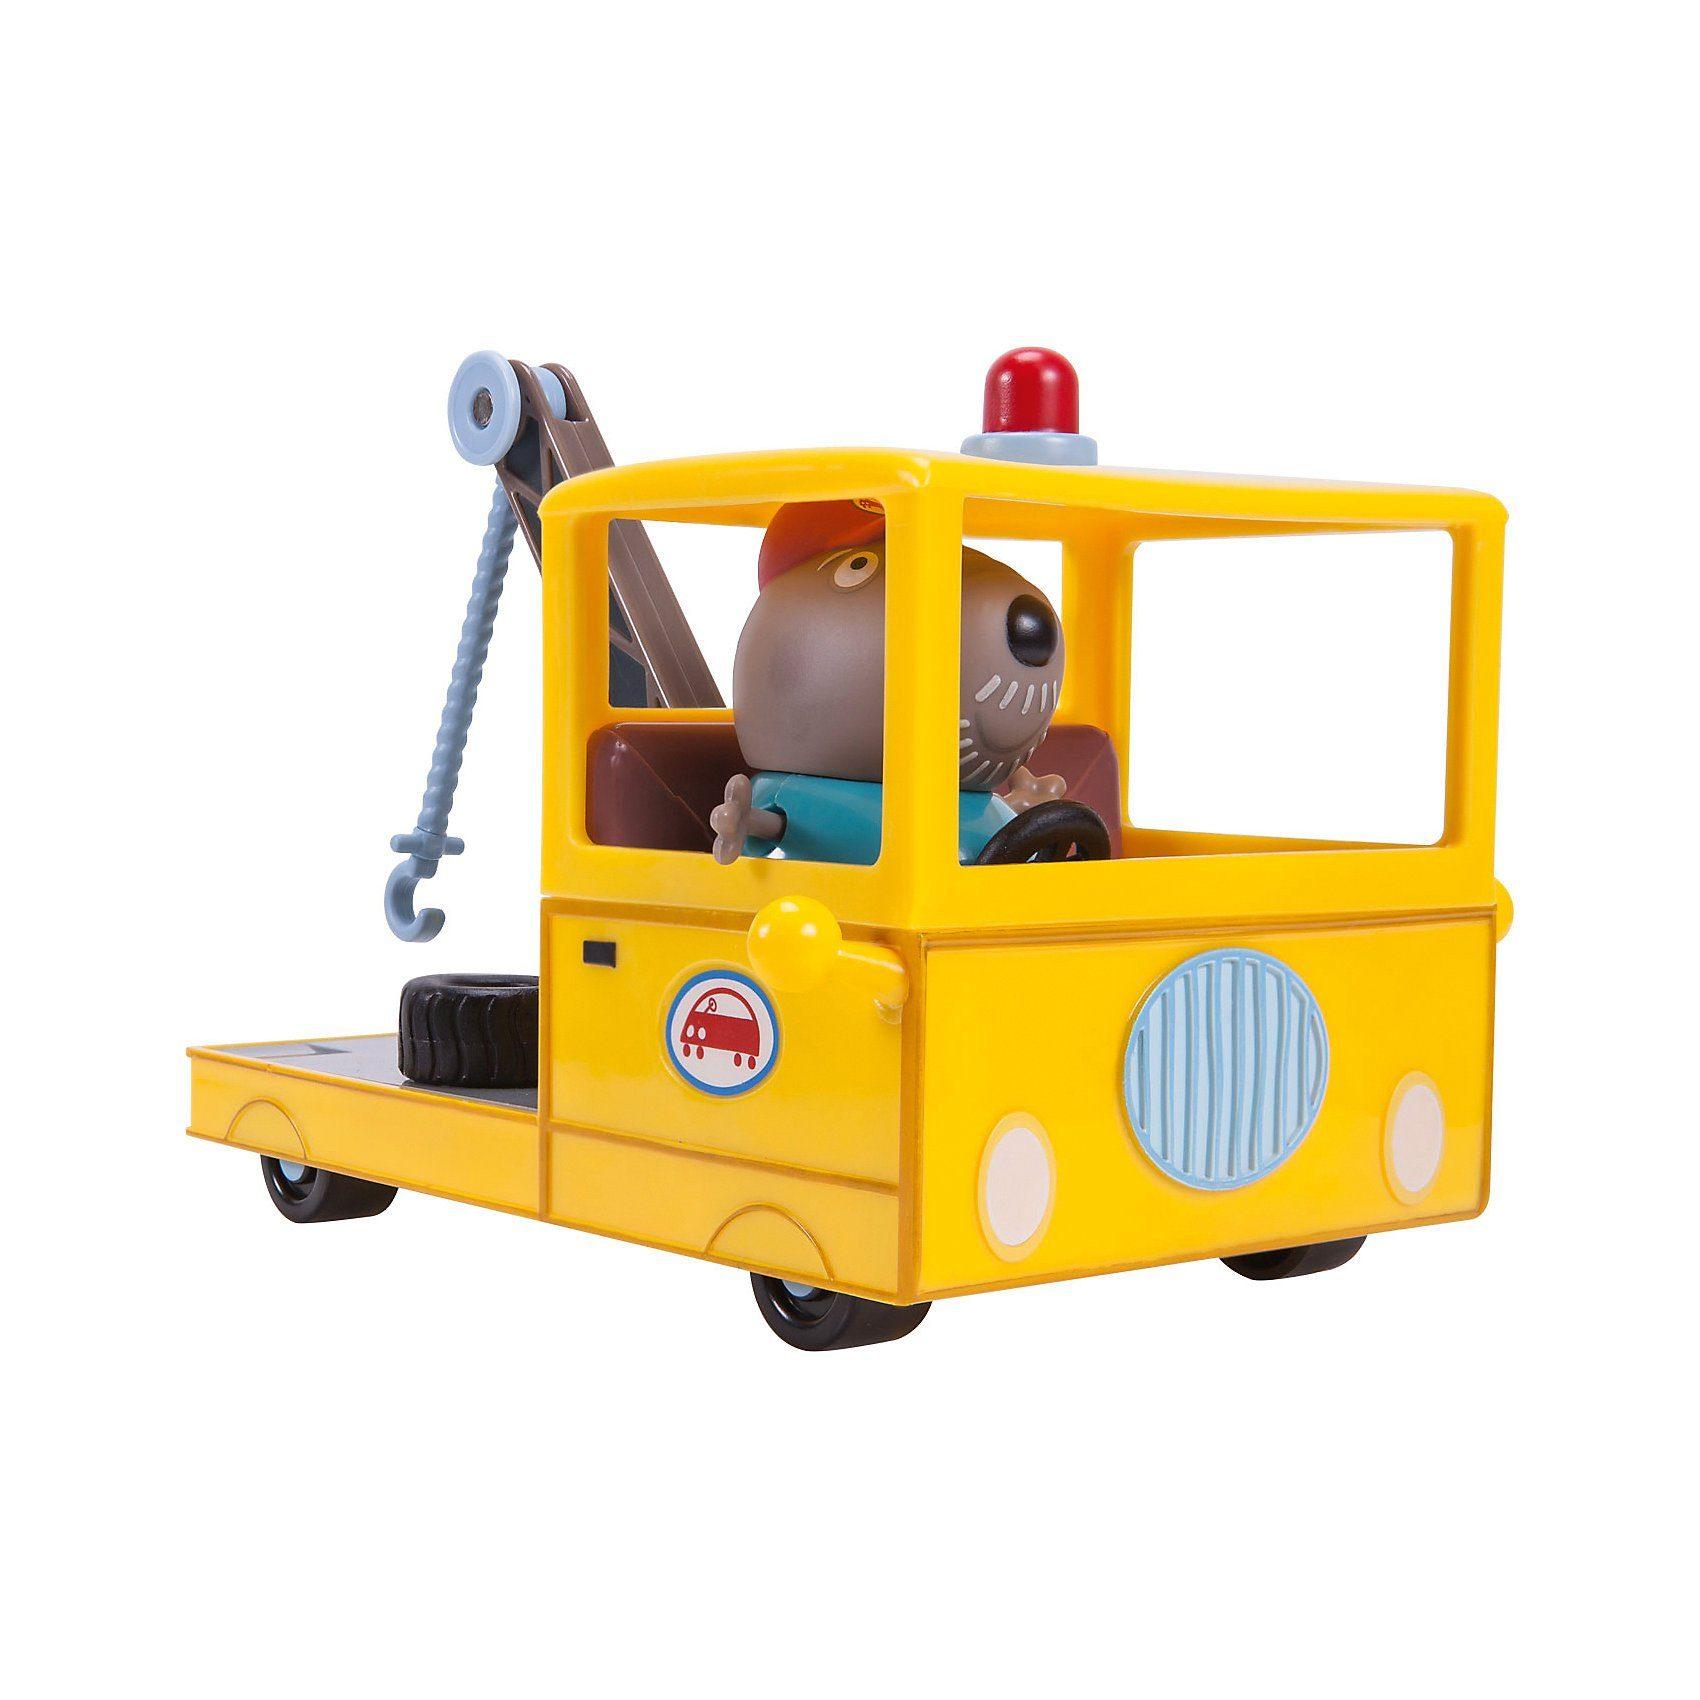 Jazwares PEPPA - Opa Kläffs 15 cm langer Abschleppwagen mit 1 Spielf